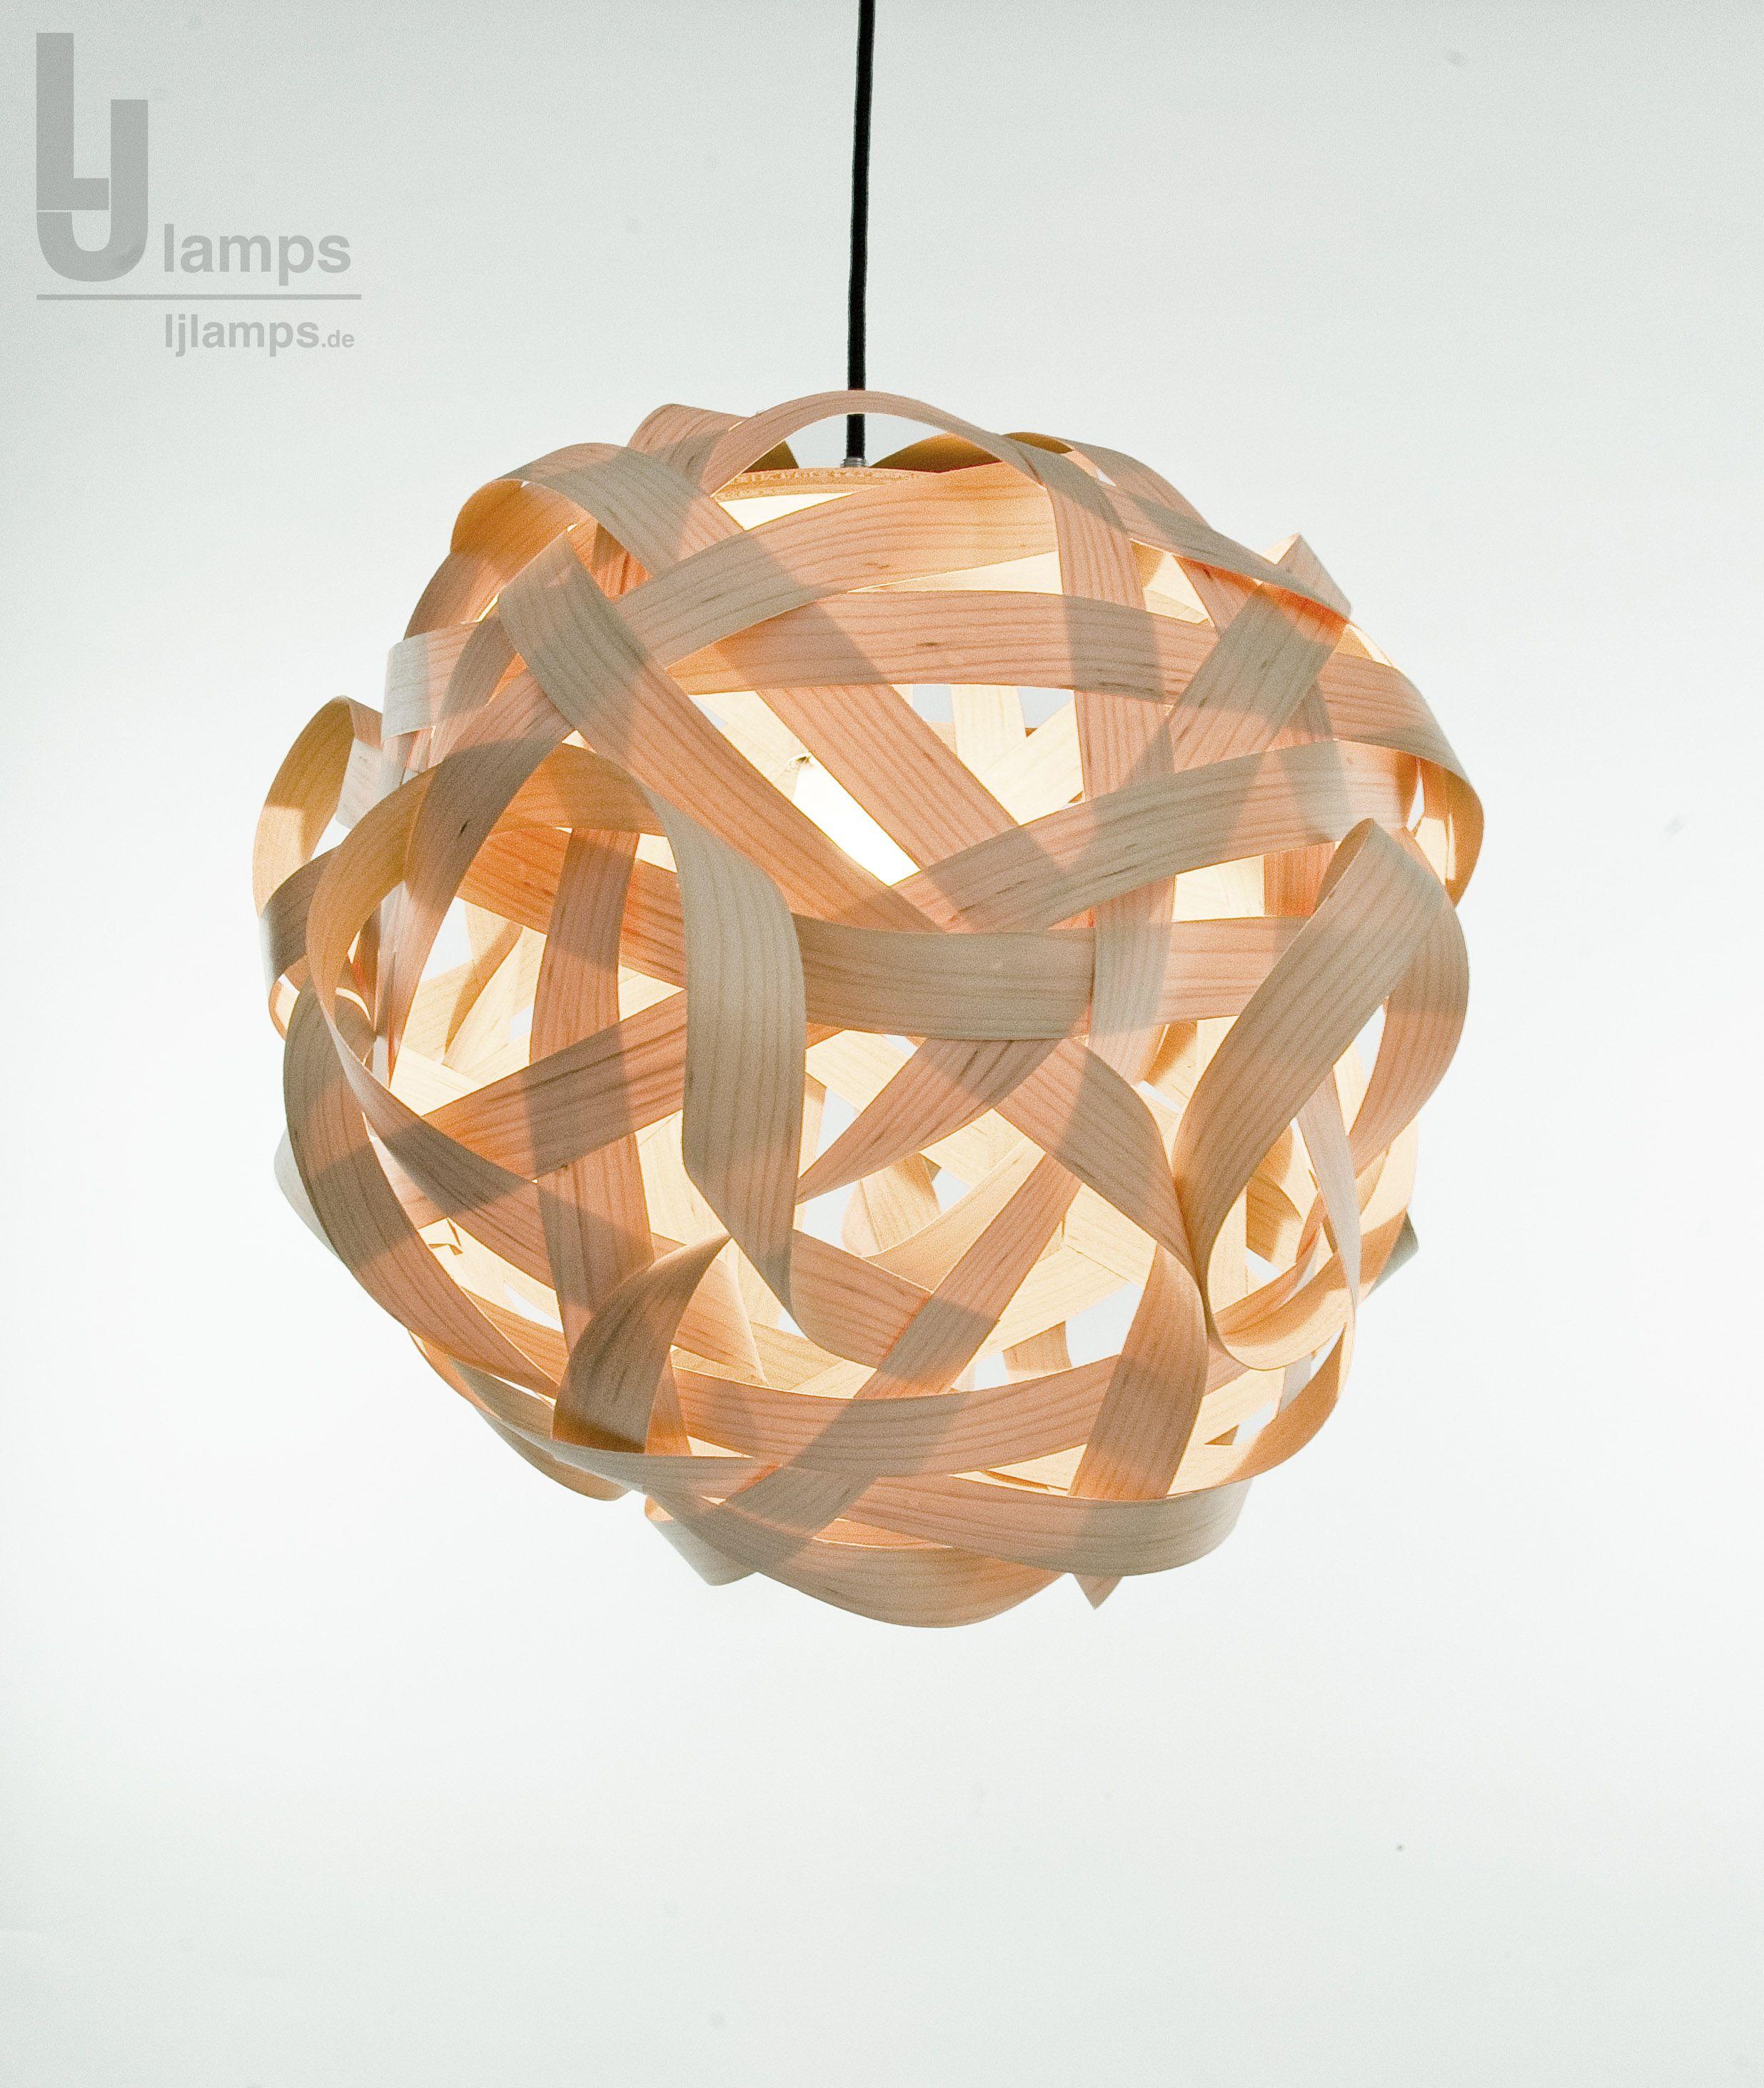 Holz Ist Lichtdurchlässig Wenn Es Als Furnier Zur Leuchte Gewickelt Wird Warmes Licht Durch